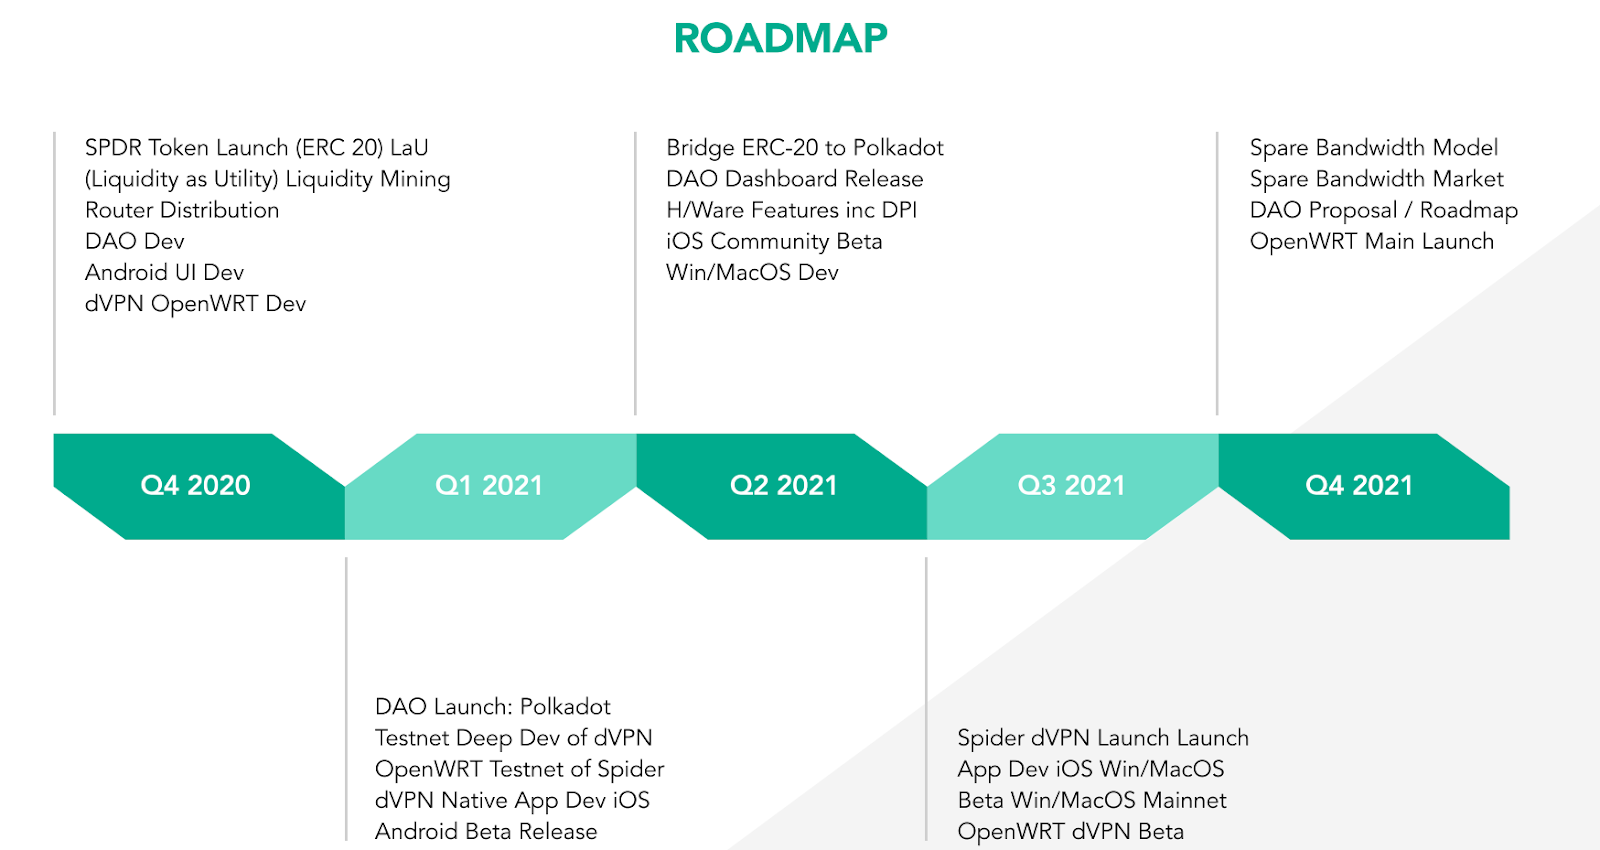 SpiderDAO full roadmap